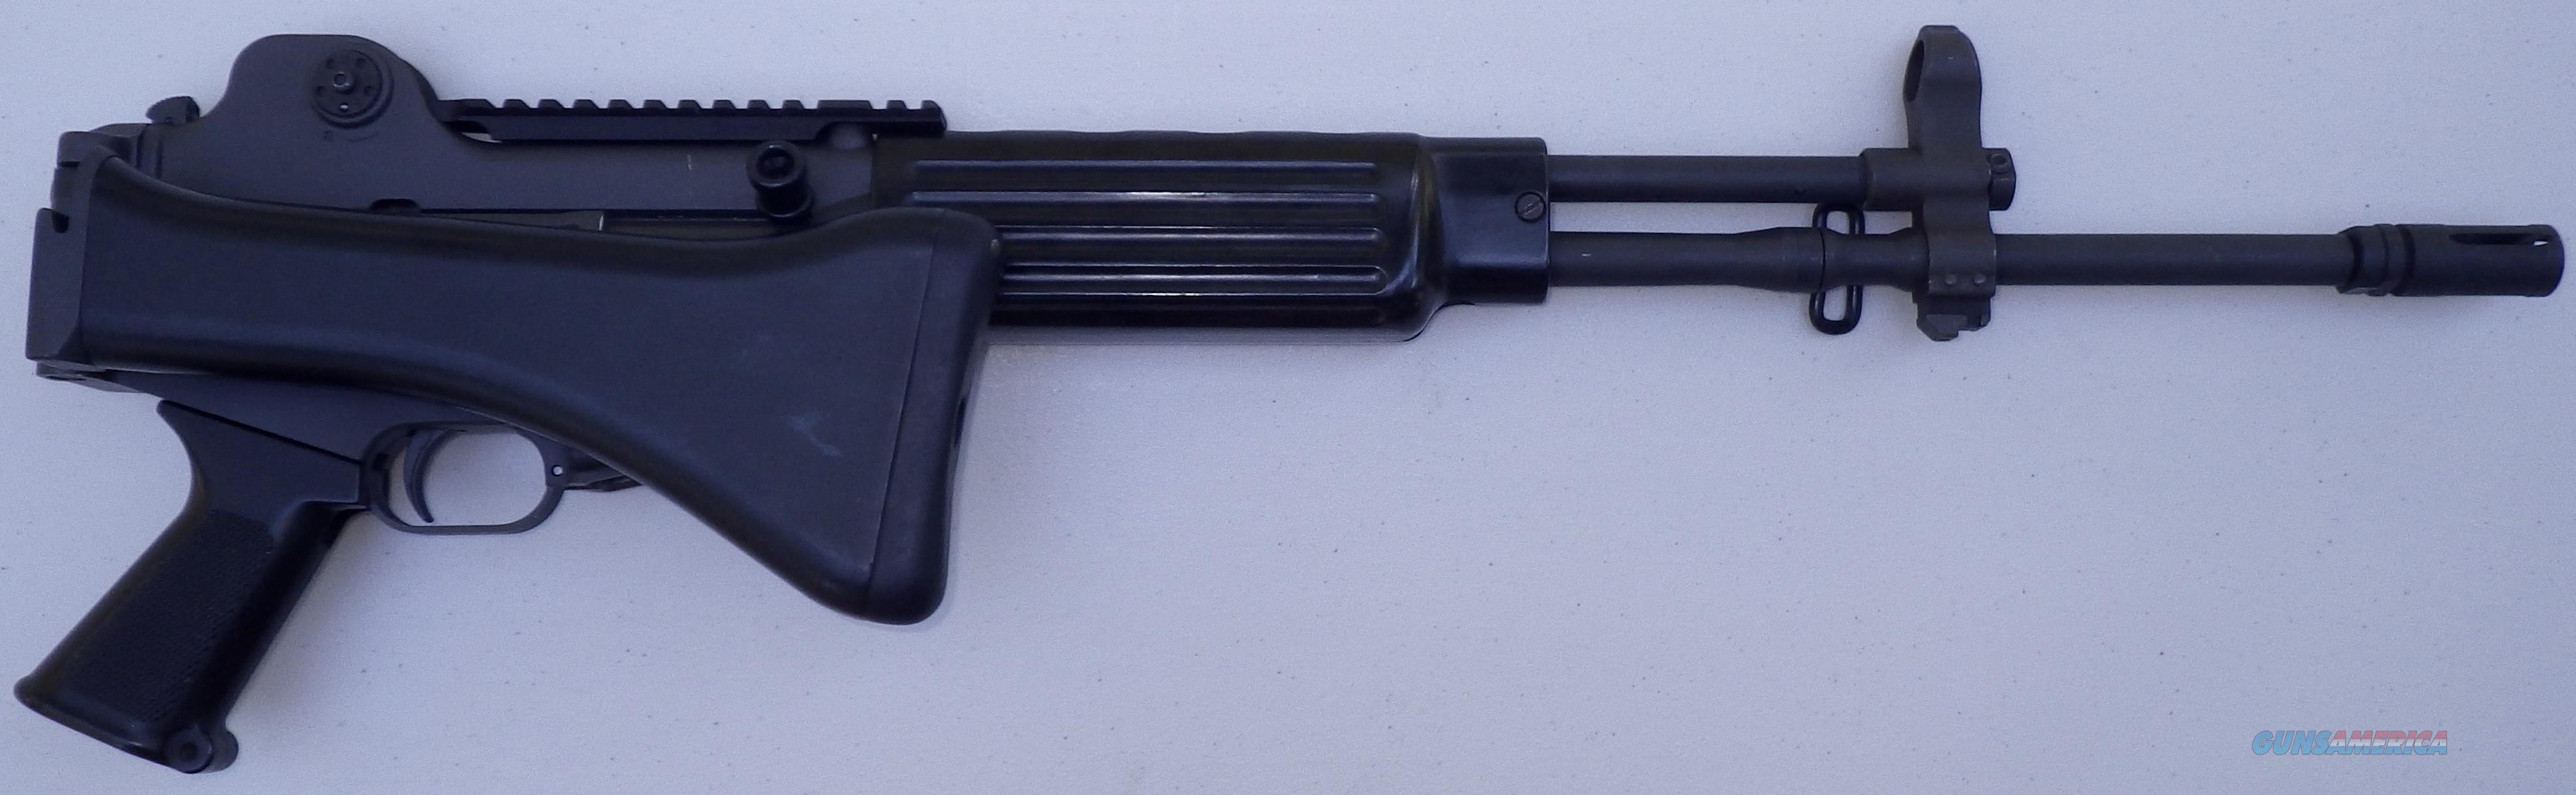 daewoo k2 max ii 223 pre ban side folder 9 for sale rh gunsamerica com Daewoo K1 Rifle Moe K2 Grip